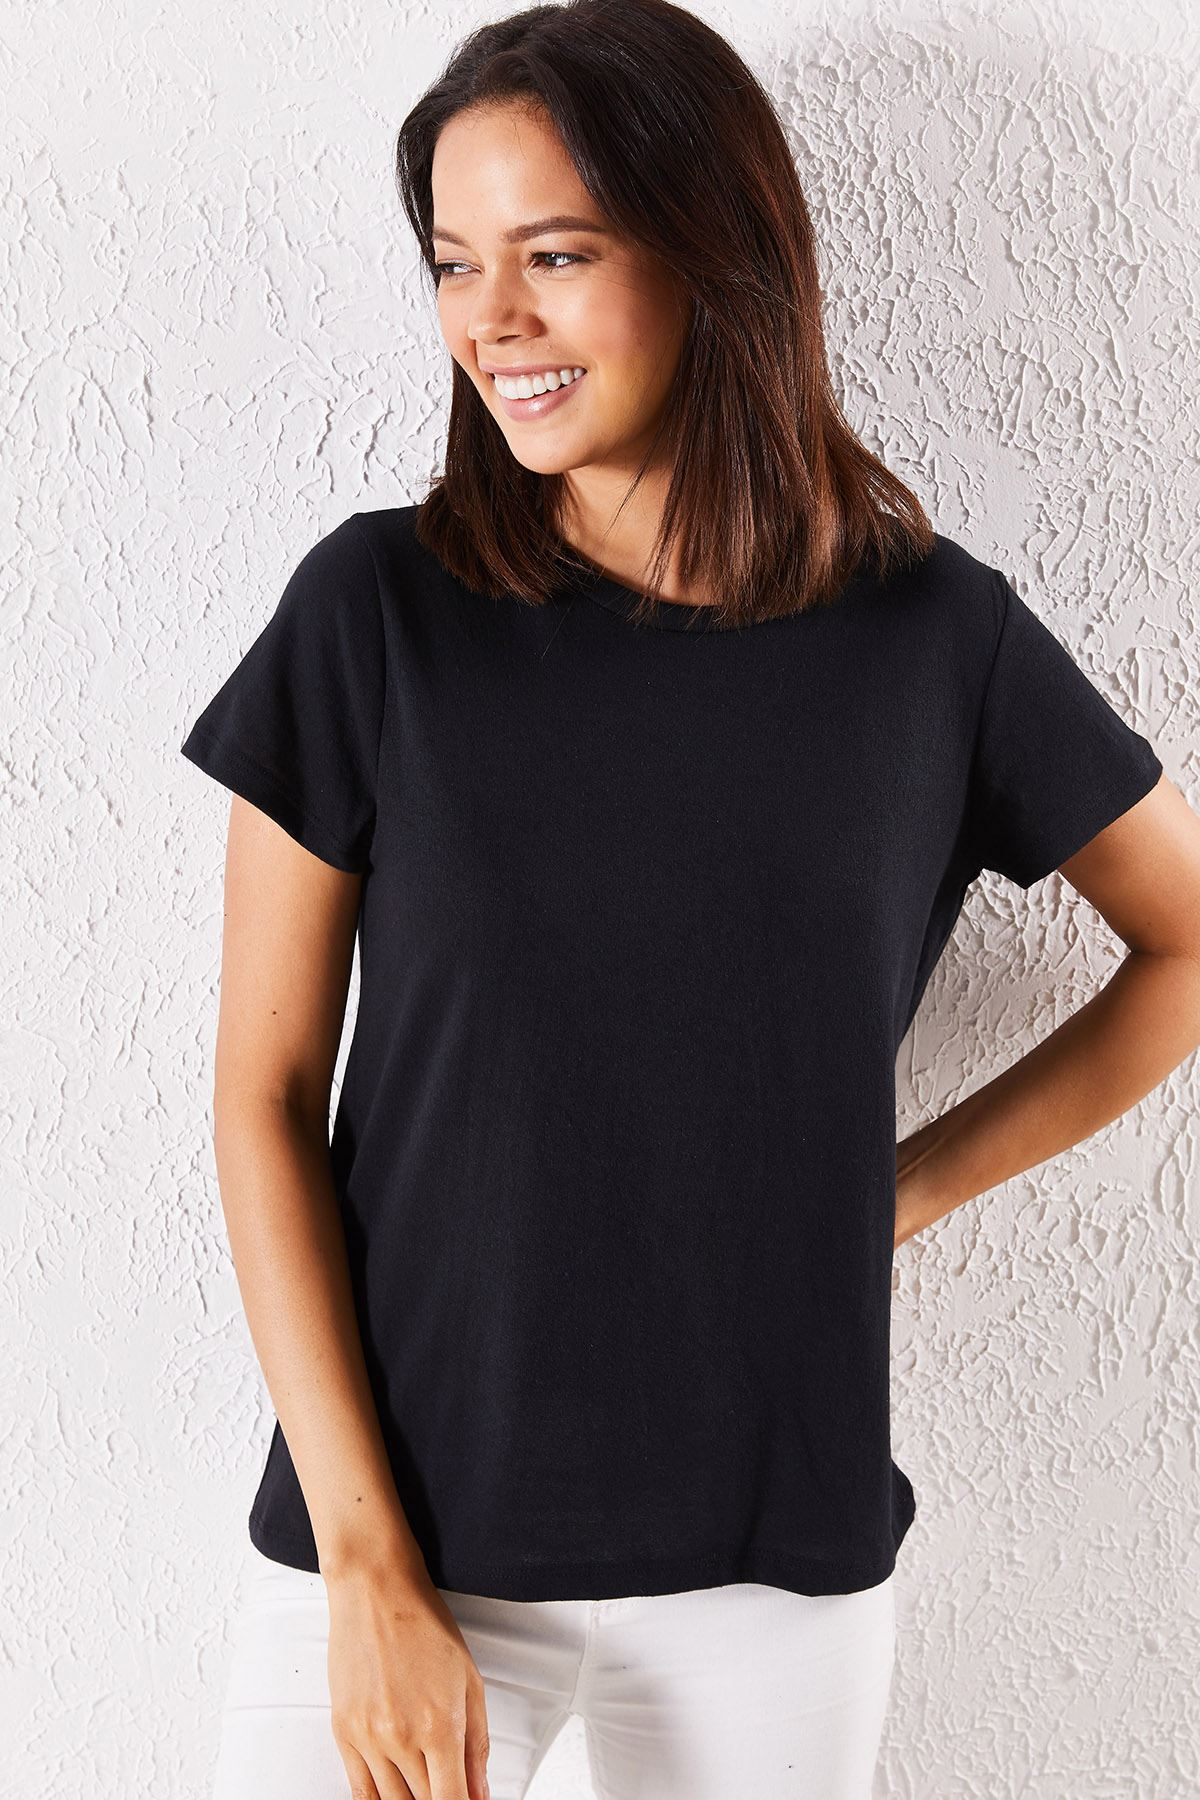 Kadın Eşli Mrs. Baskılı Siyah Tişört